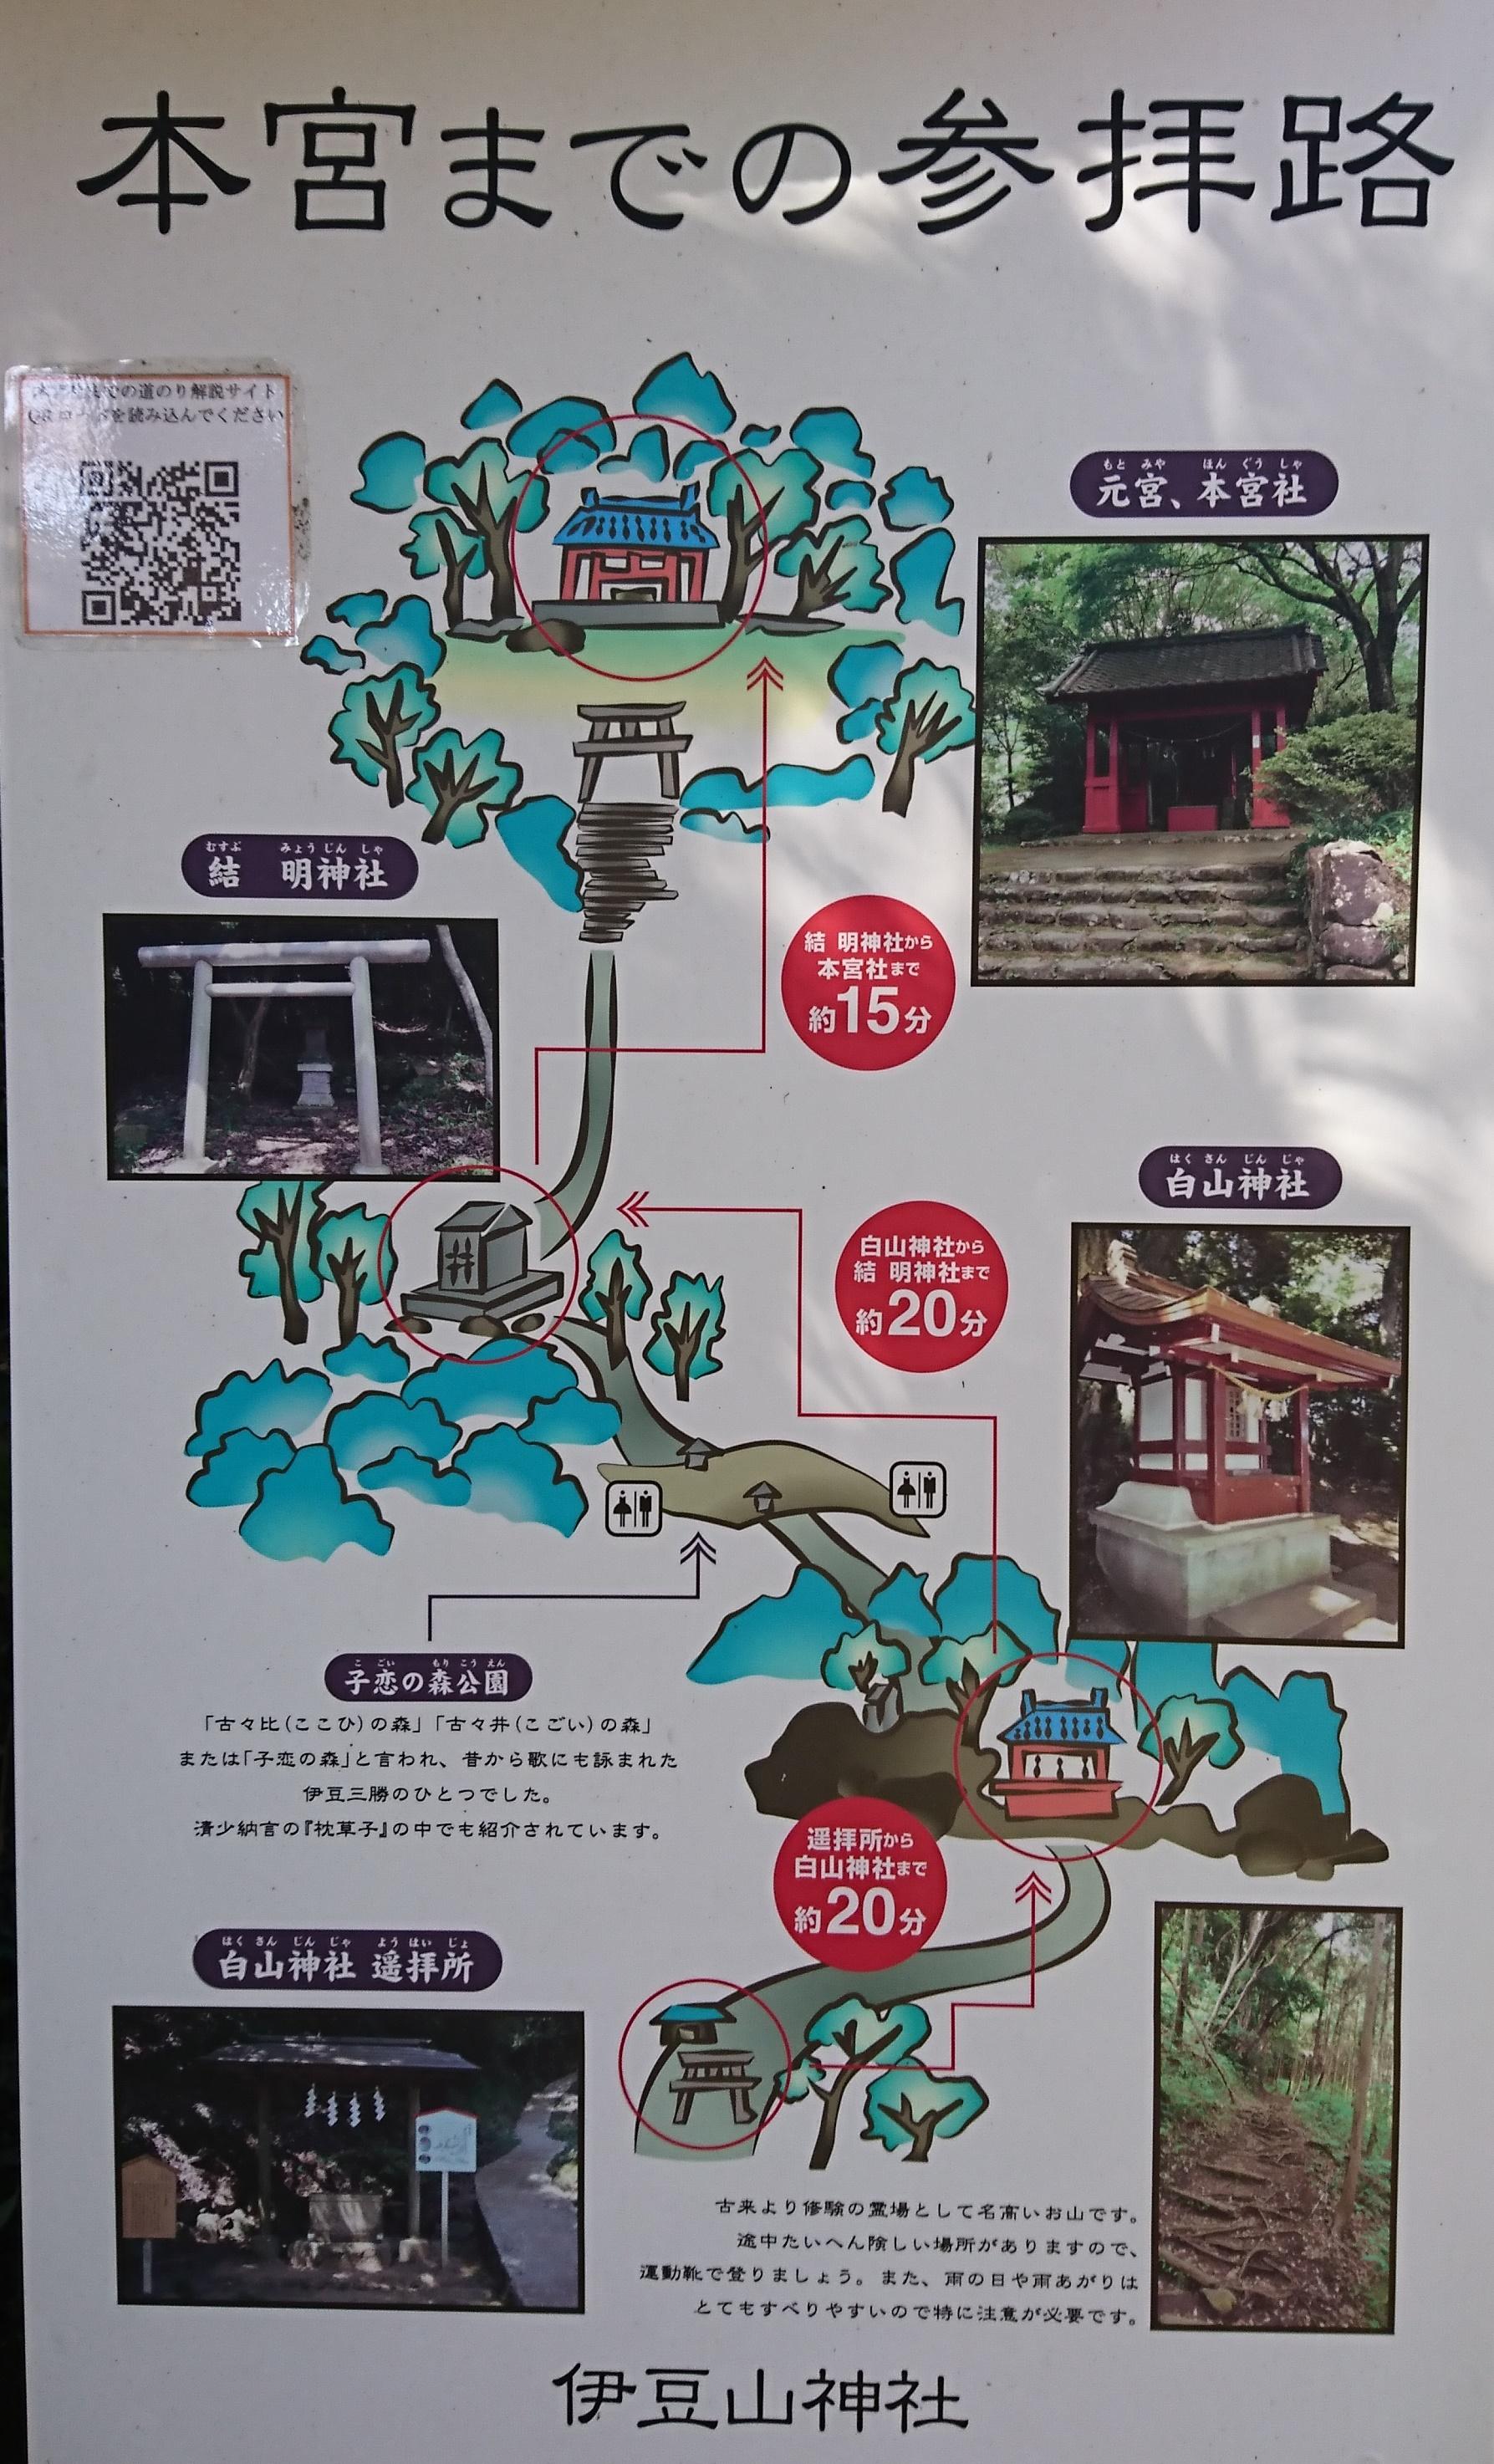 伊豆山神社本宮までの地図